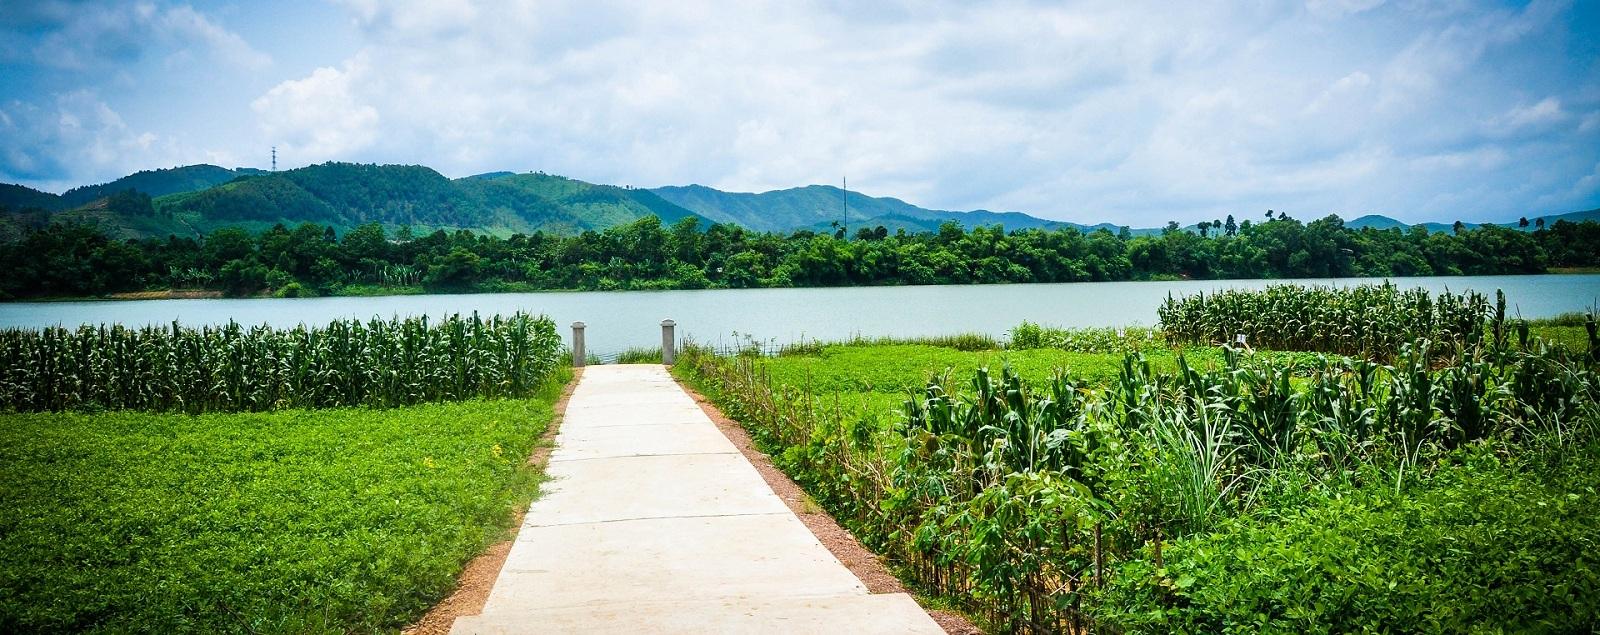 thuy-bieu-village